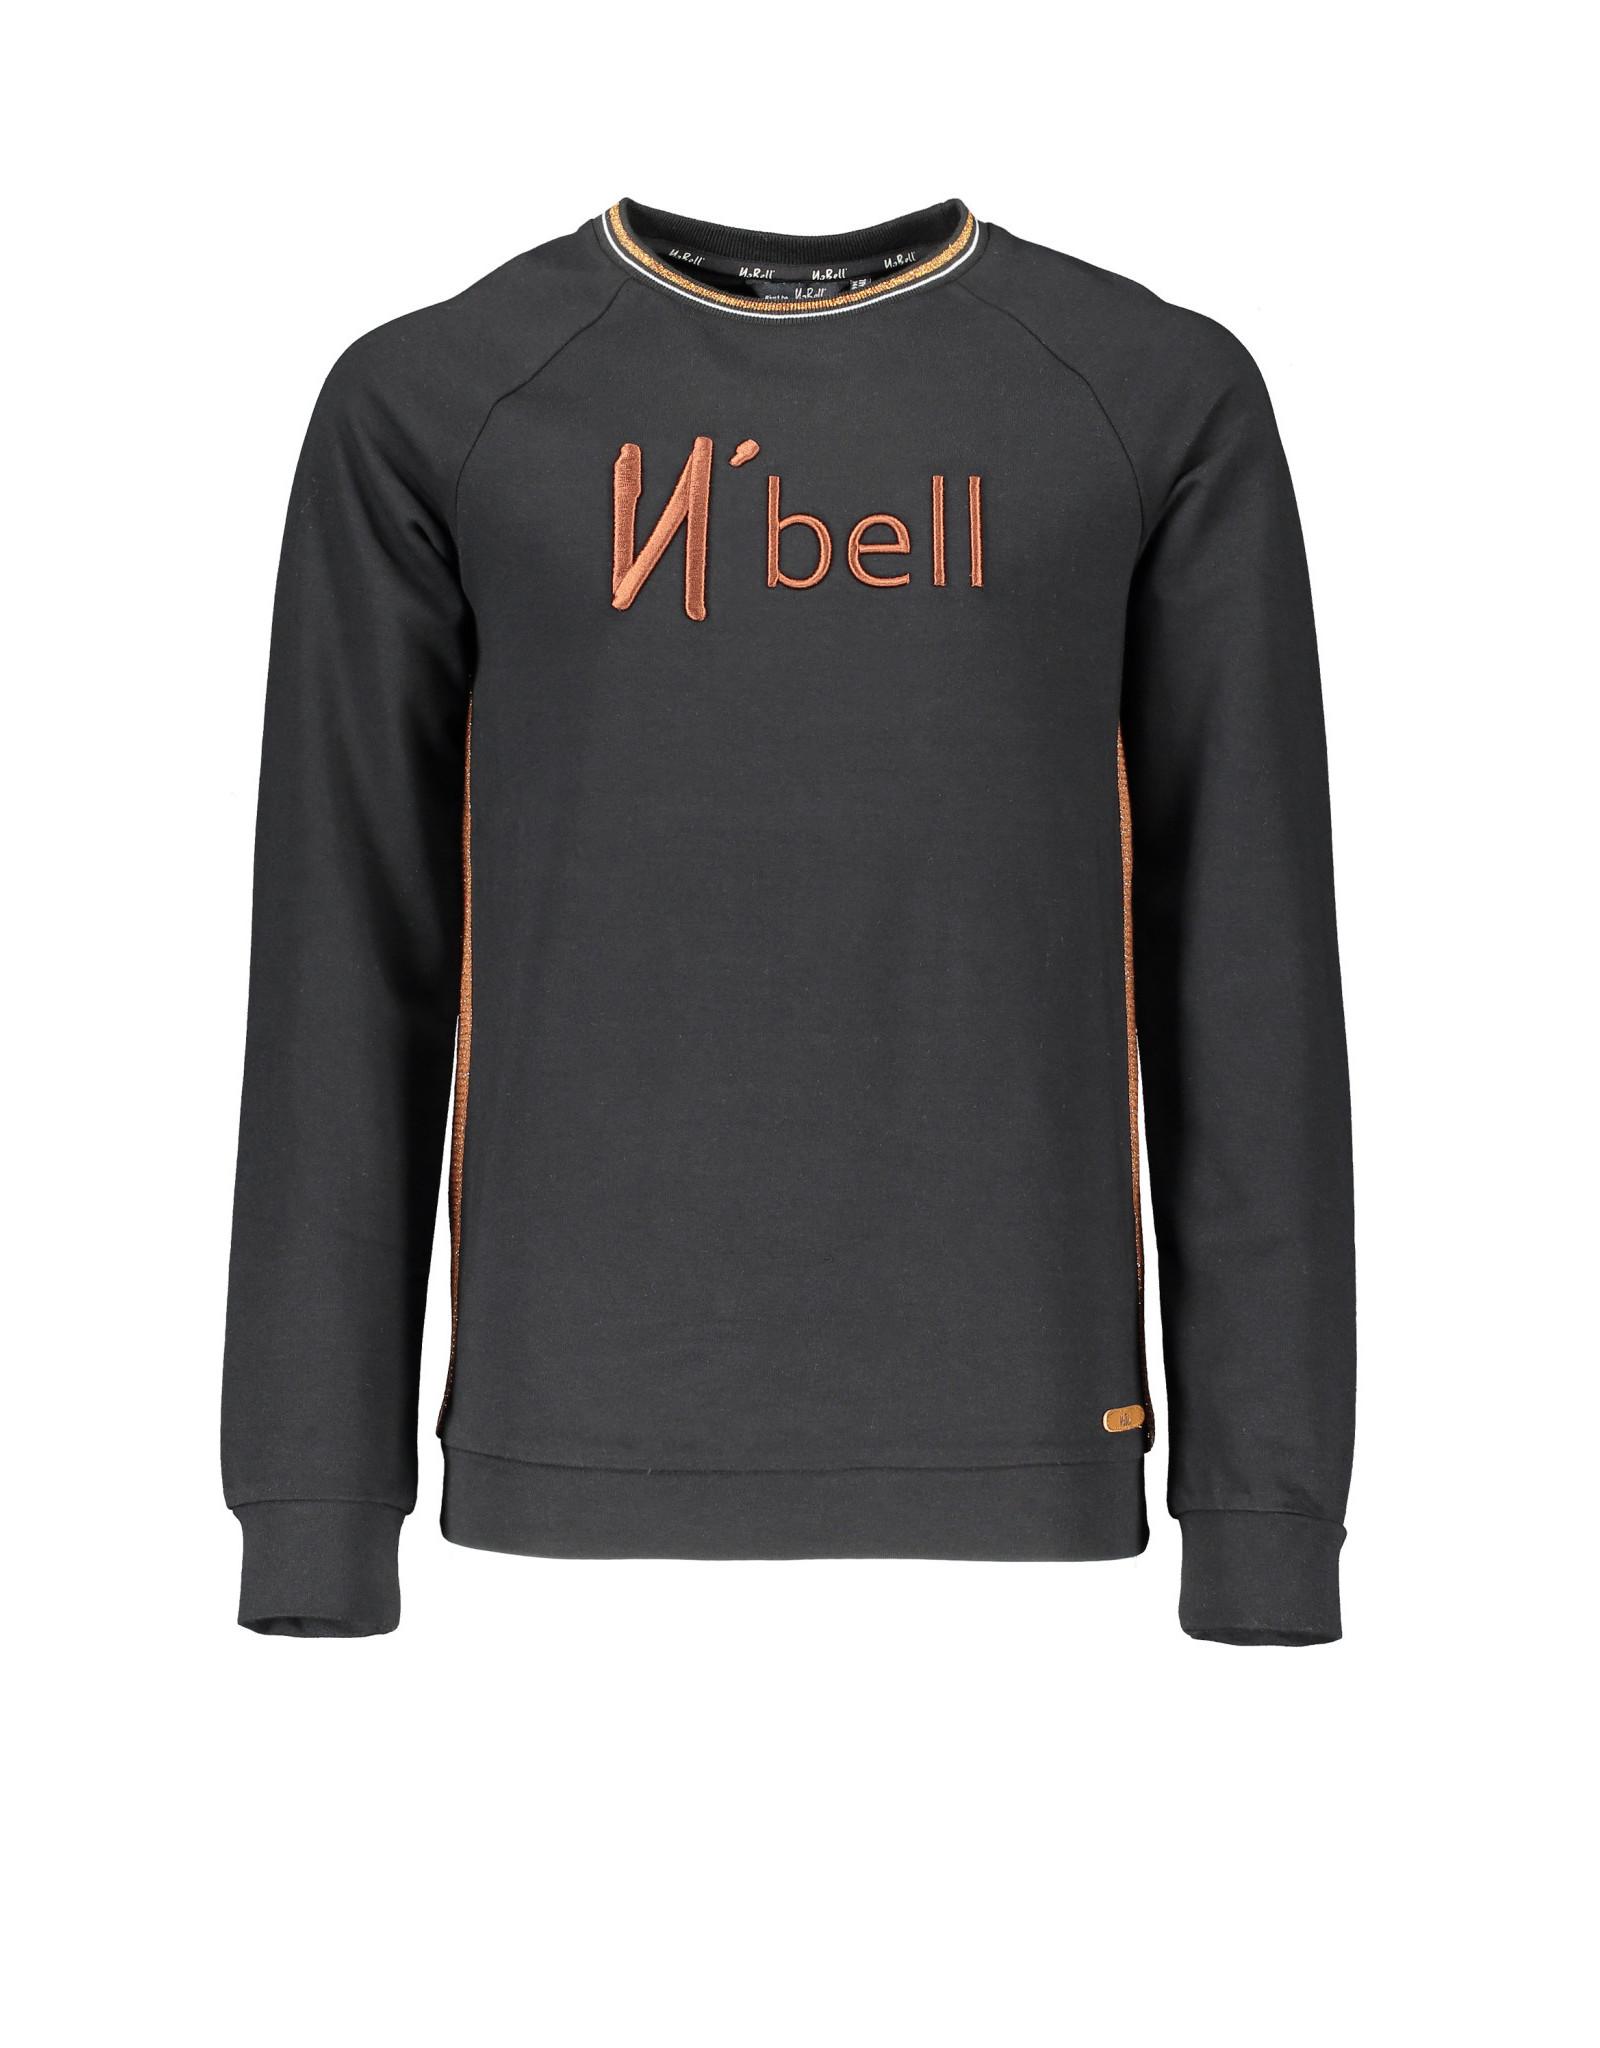 NoBell meiden sweater Kambi  Black